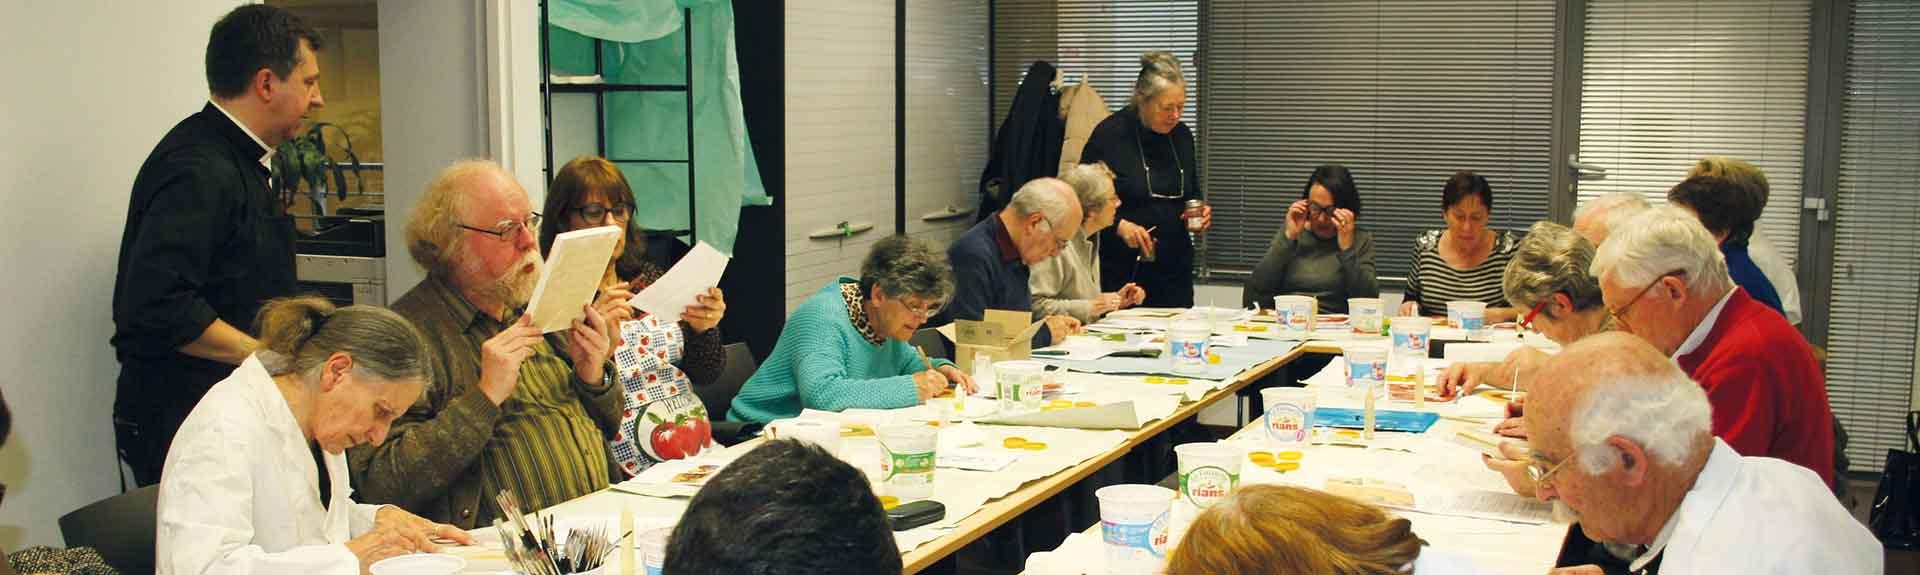 Atelier UNIVA - Iconographie - Personnes en train de peindre